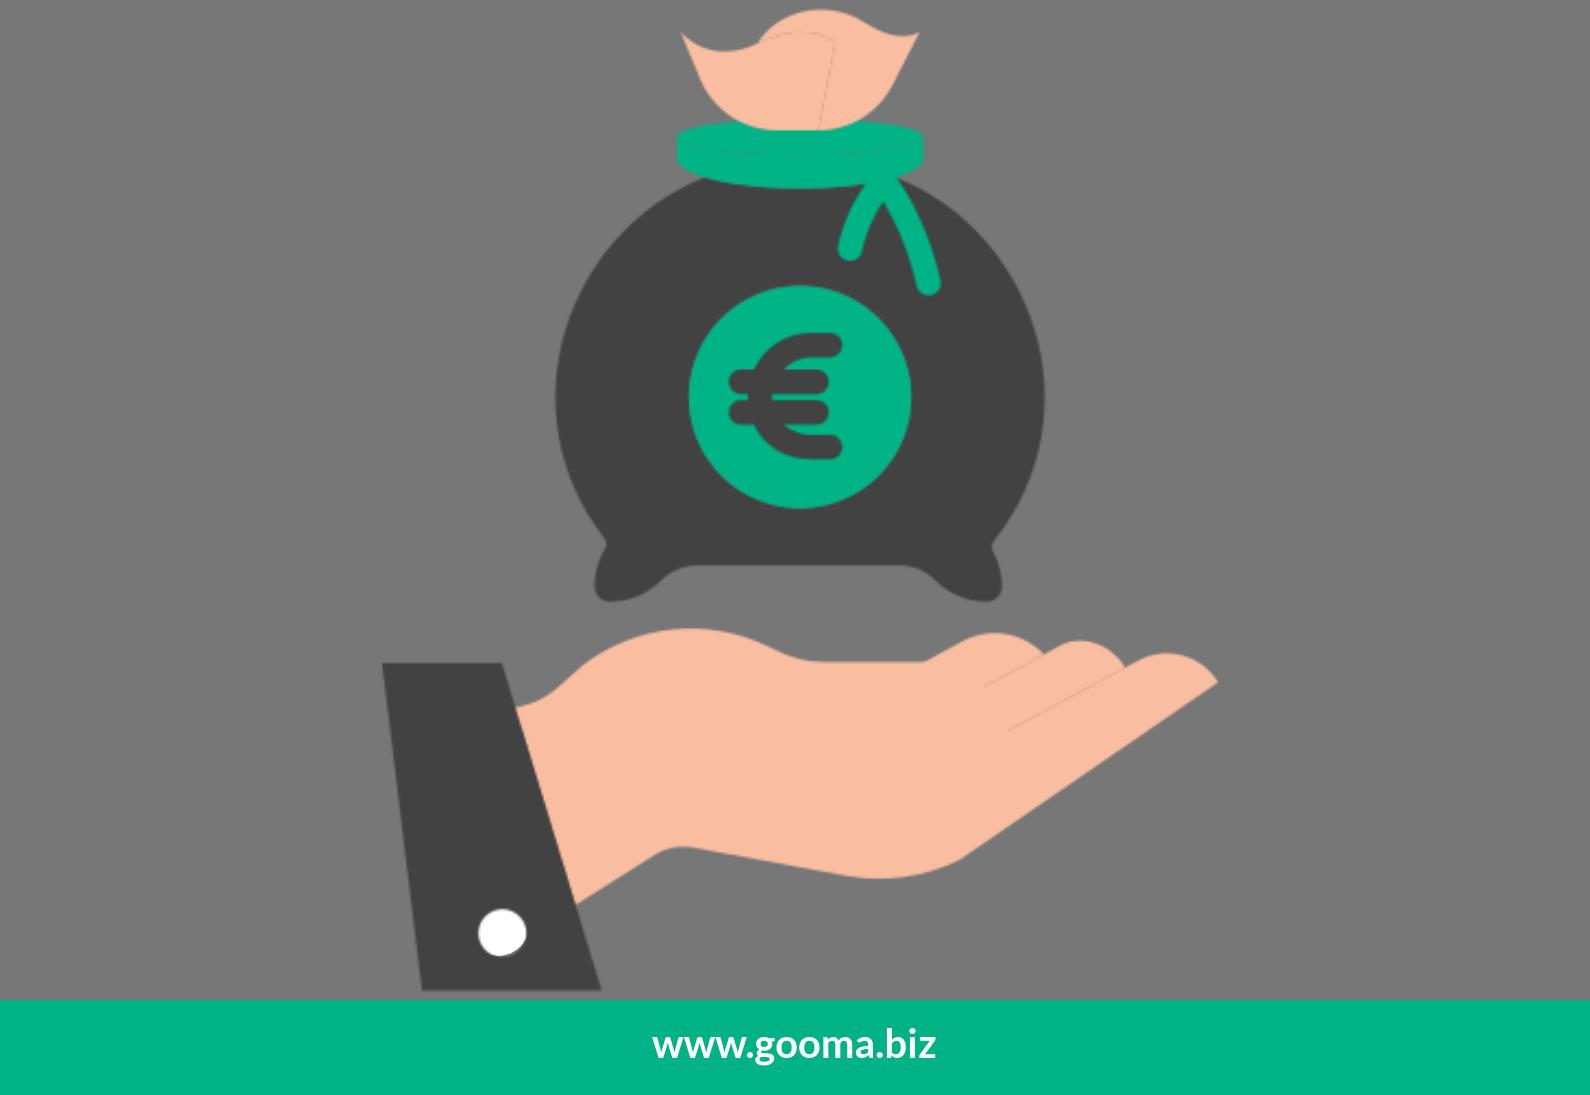 Bespovratne potpore za poduzetnika_Gooma sustav (5)